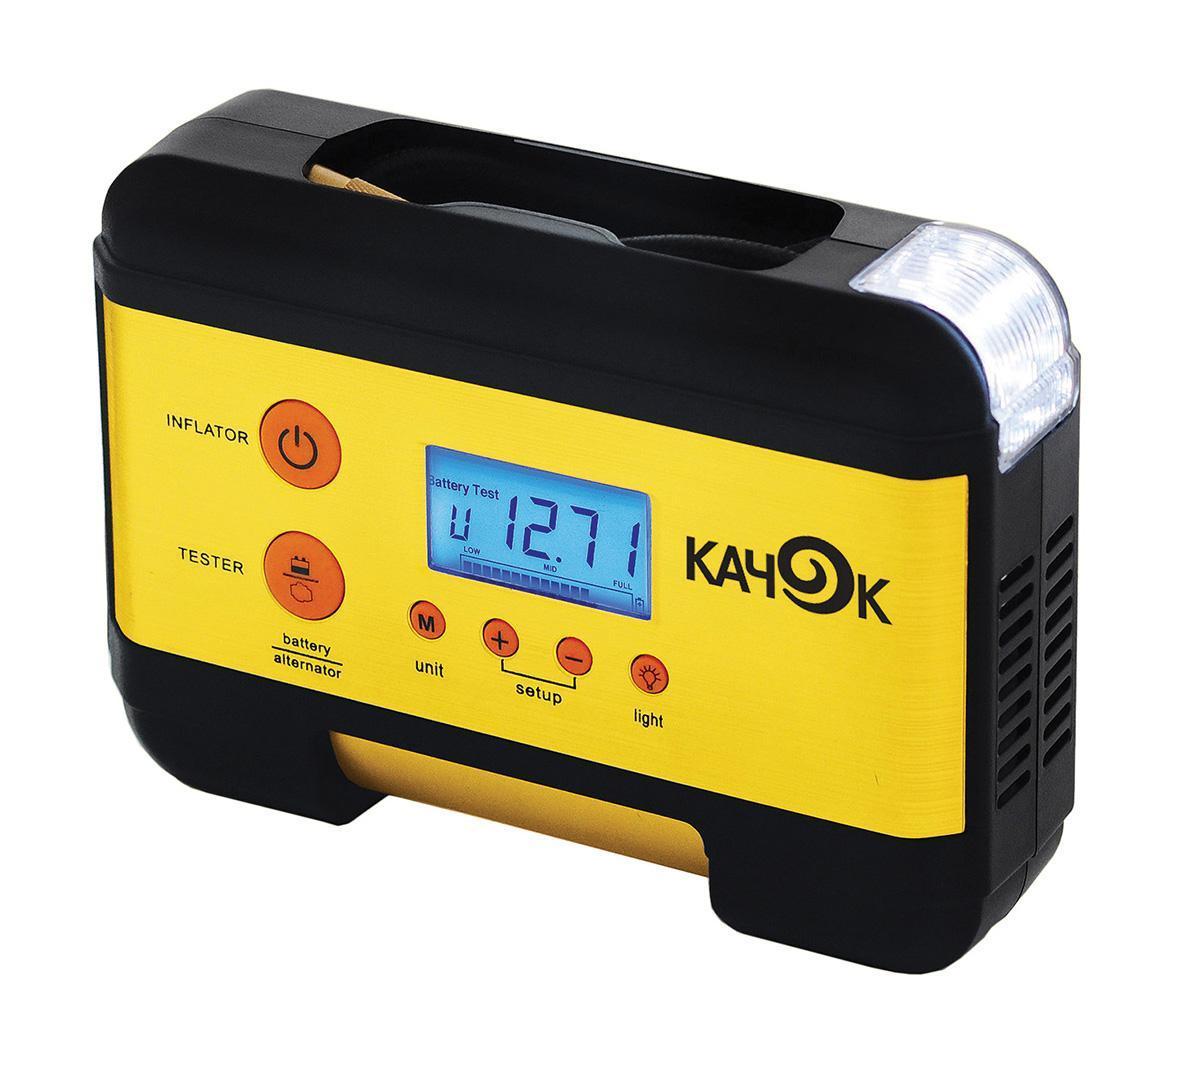 Компрессор автомобильный КАЧОК K60K60Технические характеристики компрессора автомобильного Качок К 60 Напряжение 12 В Допустимое напряжение: 10-13,5 В Максимальный ток потребления: 12 А Максимальное давление: 7 Атм. (кг/см2) Время непрерывной работы: не более 20 мин. Производительность: 35 л/мин. Рабочая температура: -30°С +40°С Тип мотора: Двигатель постоянного тока, коллекторного типа Размер устройства: 210х150х65 мм. Навинчивающаяся насадка на ниппель колеса Подключение в гнездо прикуривателя Насадки-штуцеры для надувных изделий 3шт. Яркий светодиодный фонарь - 2 режима работы Многофункциональный ЖК-дисплей Цифровой электронный манометр - 2 шкалы измерения Инструкция по эксплуатации Комплект поставки: Компрессор Качок К 60 Набор переходных штуцеров для надувных изделий - 3 шт. Инструкция по эксплуатации Упаковочная коробка Материал: металл, пластик; цвет: желтый Материал: металл, пластик; цвет: желтый